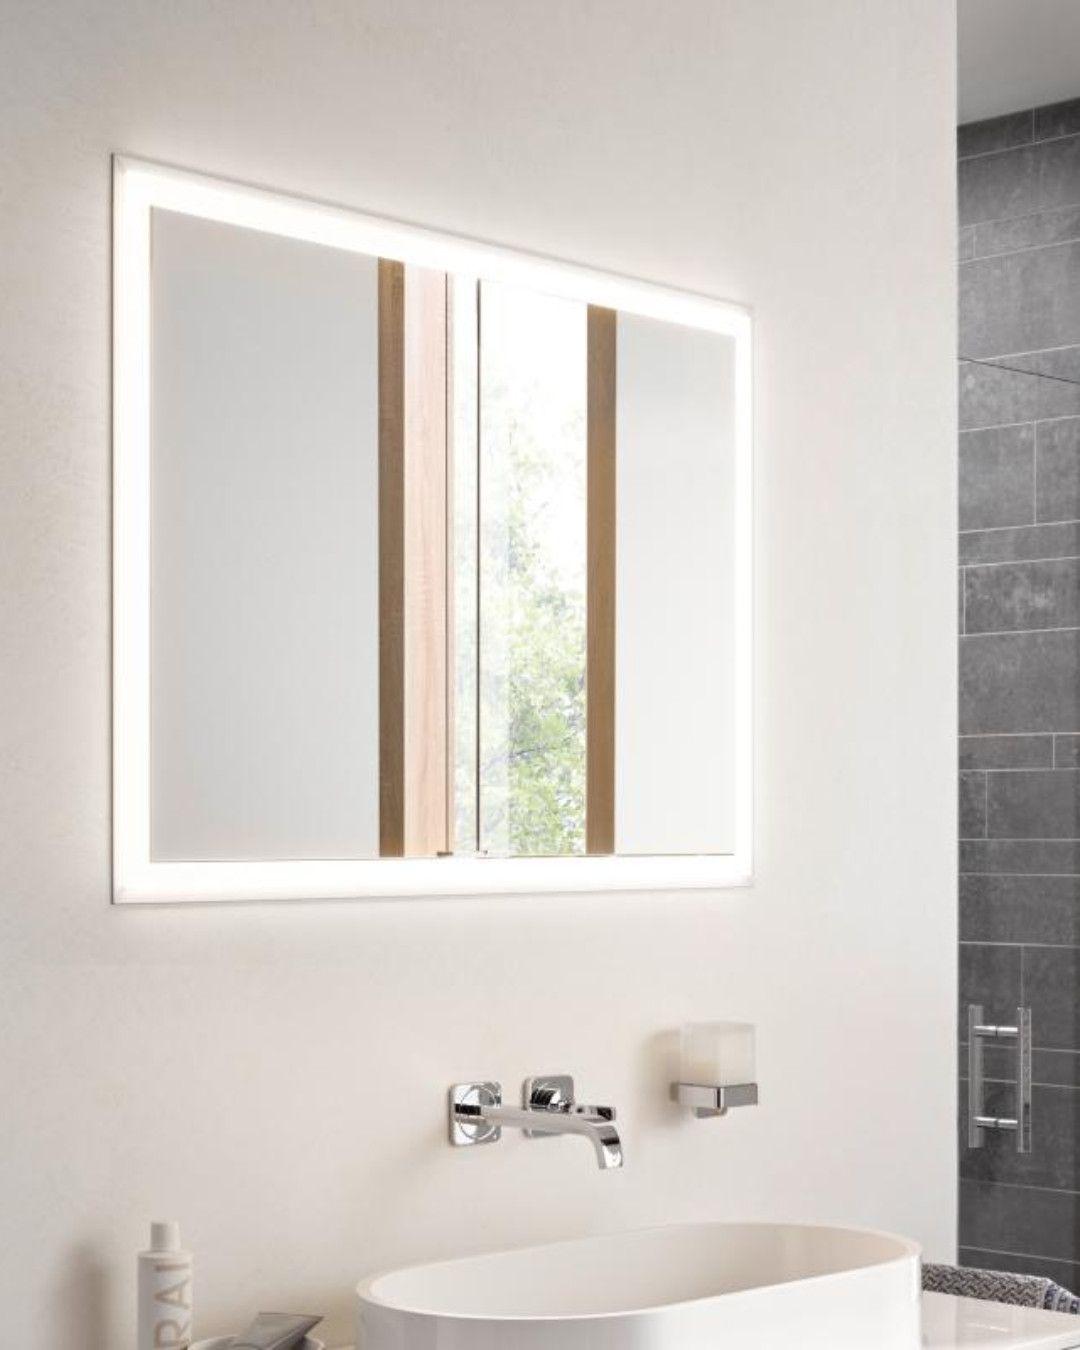 Emco Prime Der Unterputz Led Lichtspiegelschrank Wird Direkt In Der Wand Eingebaut Und Steht Dadurc In 2020 Unterputz Spiegelschrank Spiegelschrank Bad Spiegelschrank